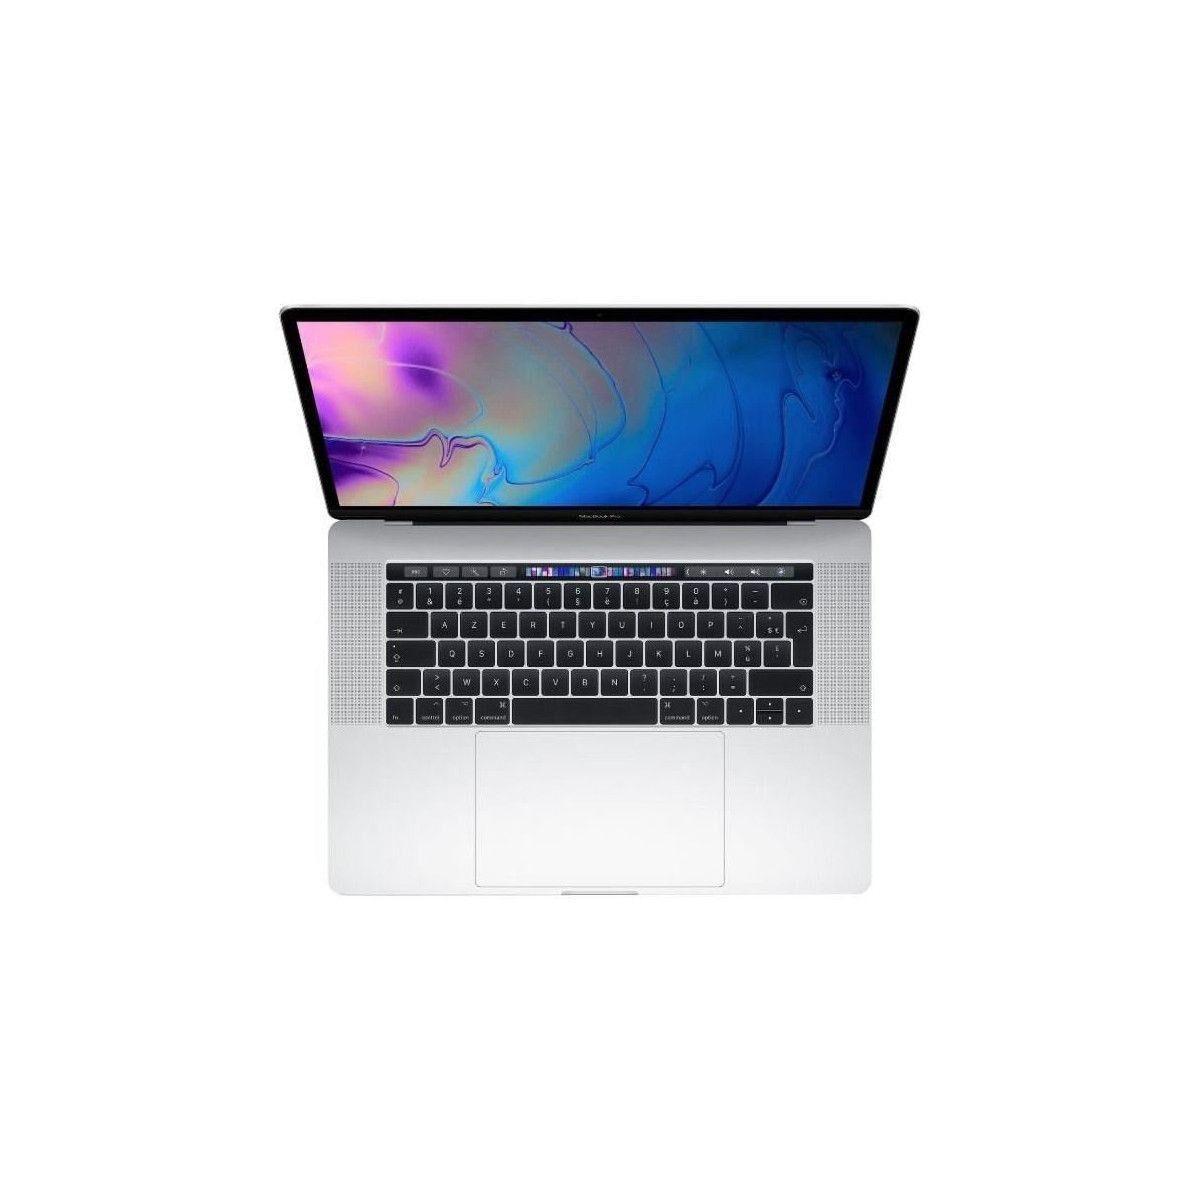 APPLE MacBook Pro MR962FN/A - 15,4 pouces Retina avec Touch Bar - Intel Core i7 - RAM 16Go - Stockage 256Go - Argent